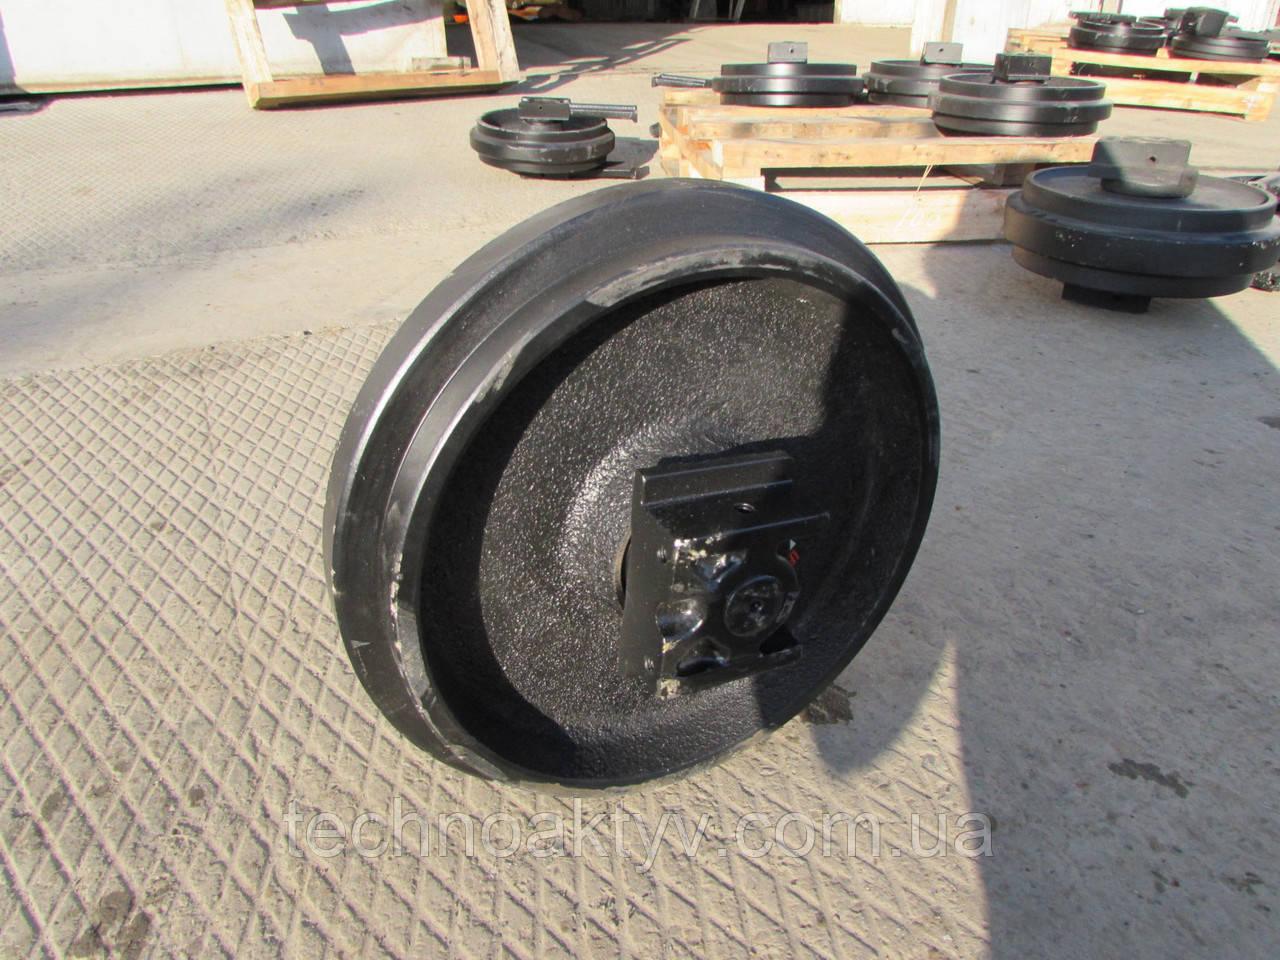 Направляющие (натяжные) колеса - ленивец SUMITOMO SH100/SH120, SH120-3, Sh200 (внешний), Sh200 (внутренний)